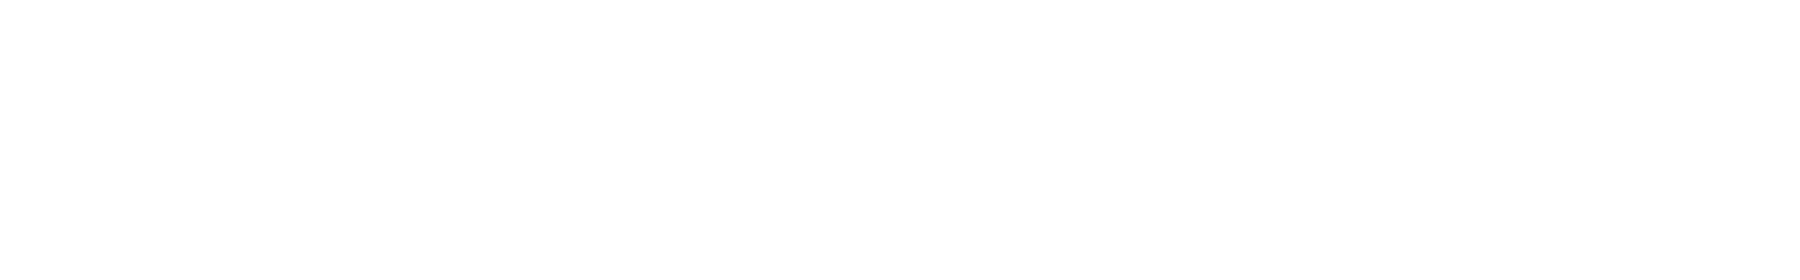 vedh synth cut 069 em